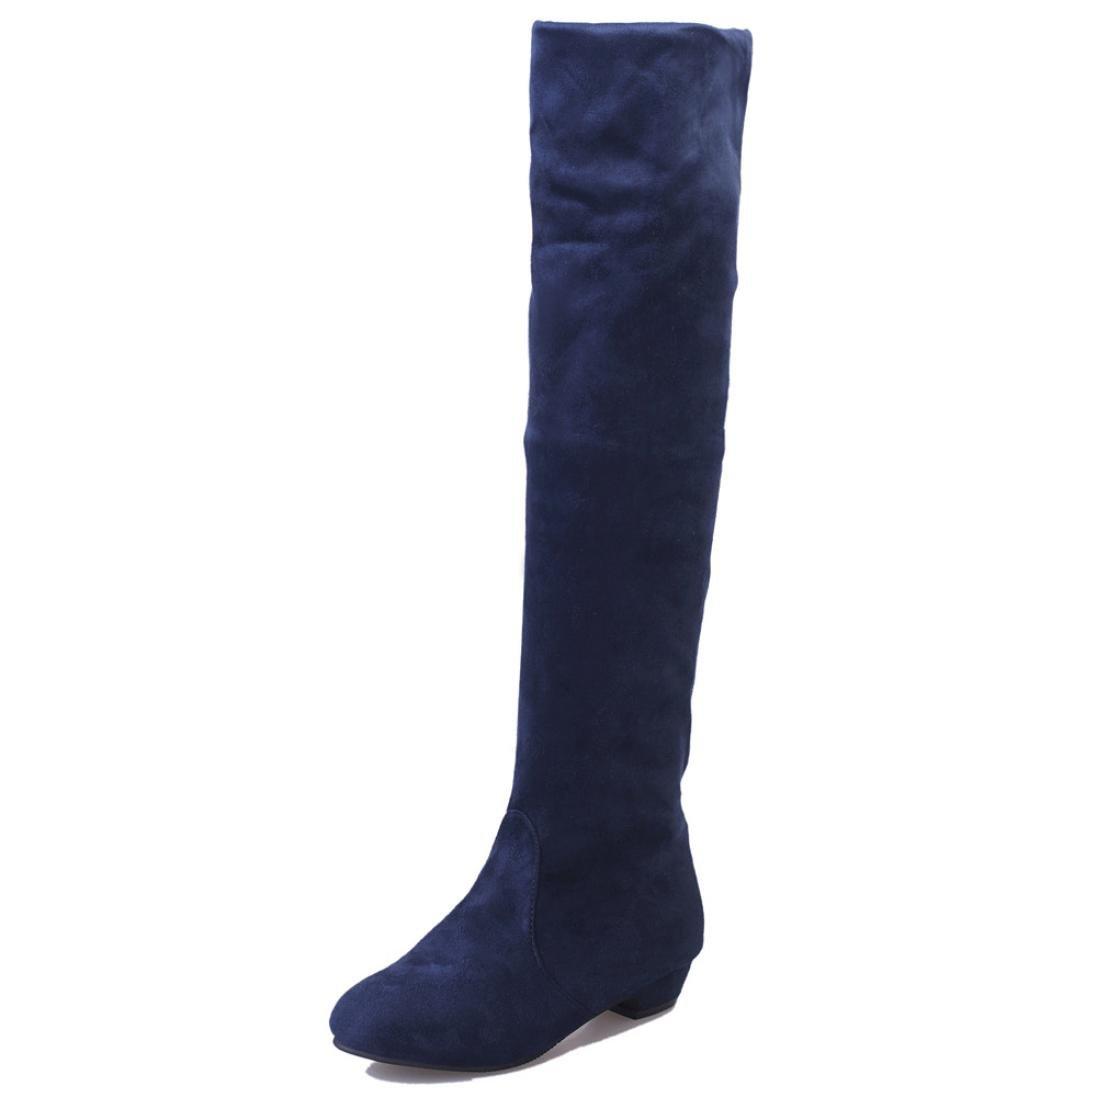 Weant Chaussures Femme Bottes Bottines Femme Leather Boots Femmes Bottes Plates-Formes /à Talon carr/é en Cuir Cuisses Haute Pompe Bottes Chaussures Bottes et Boots Bottes et Bottines